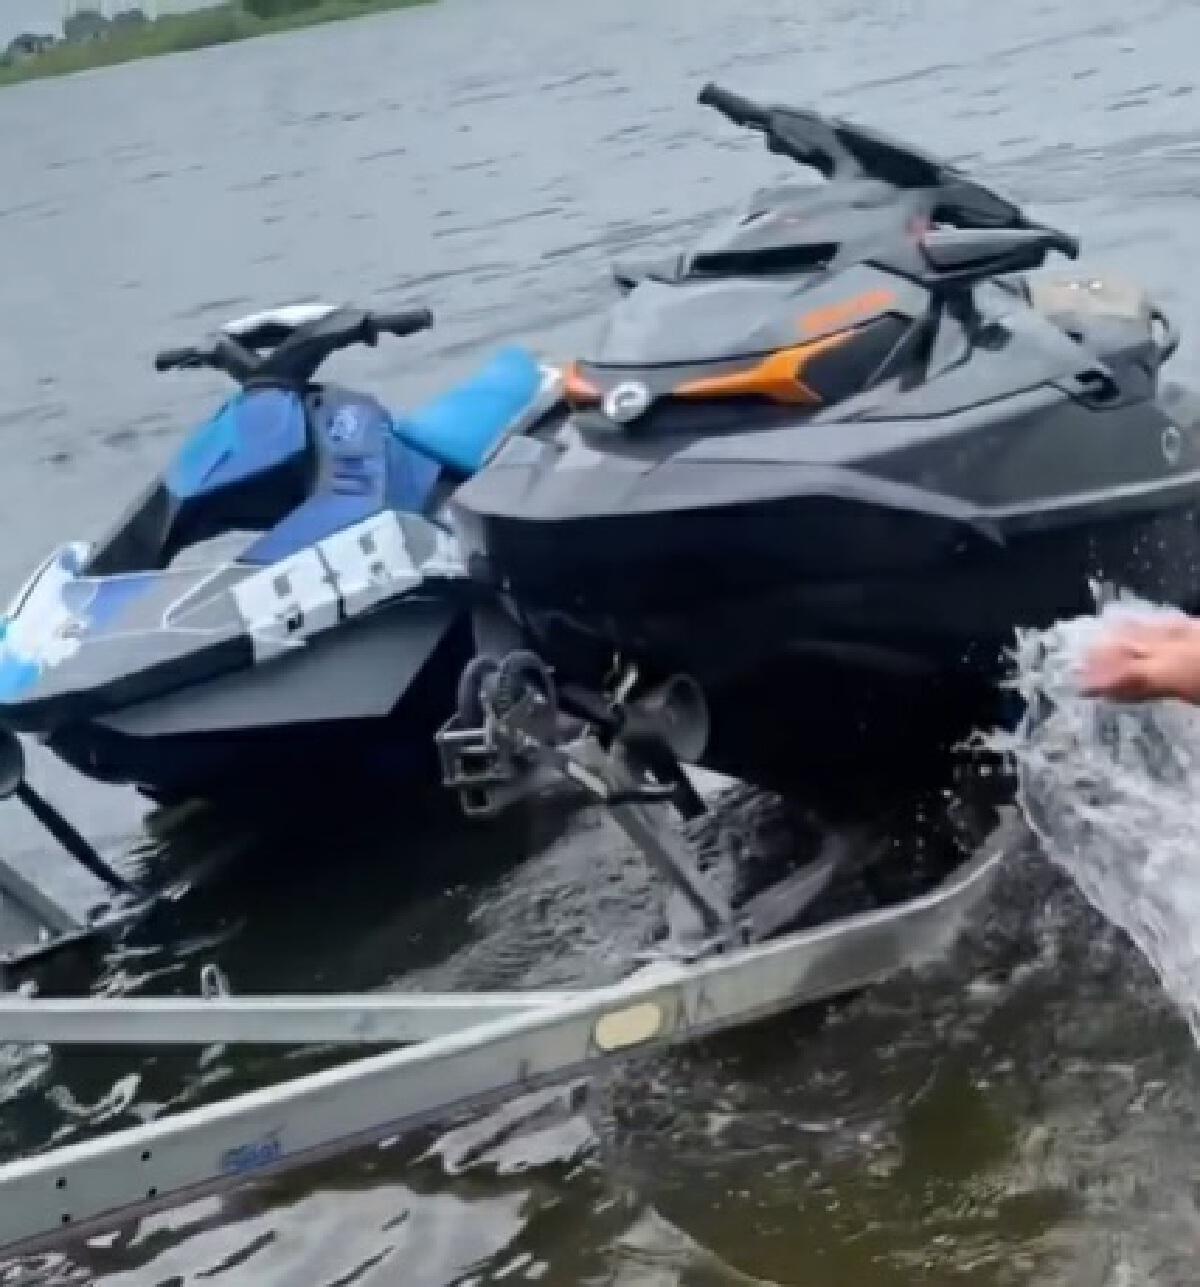 เปิ้ล นาคร ไม่ทิ้งคนไทย เตรียมลงพื้นที่ ช่วยเหลือผู้ประสบอุทกภัยน้ำท่วม